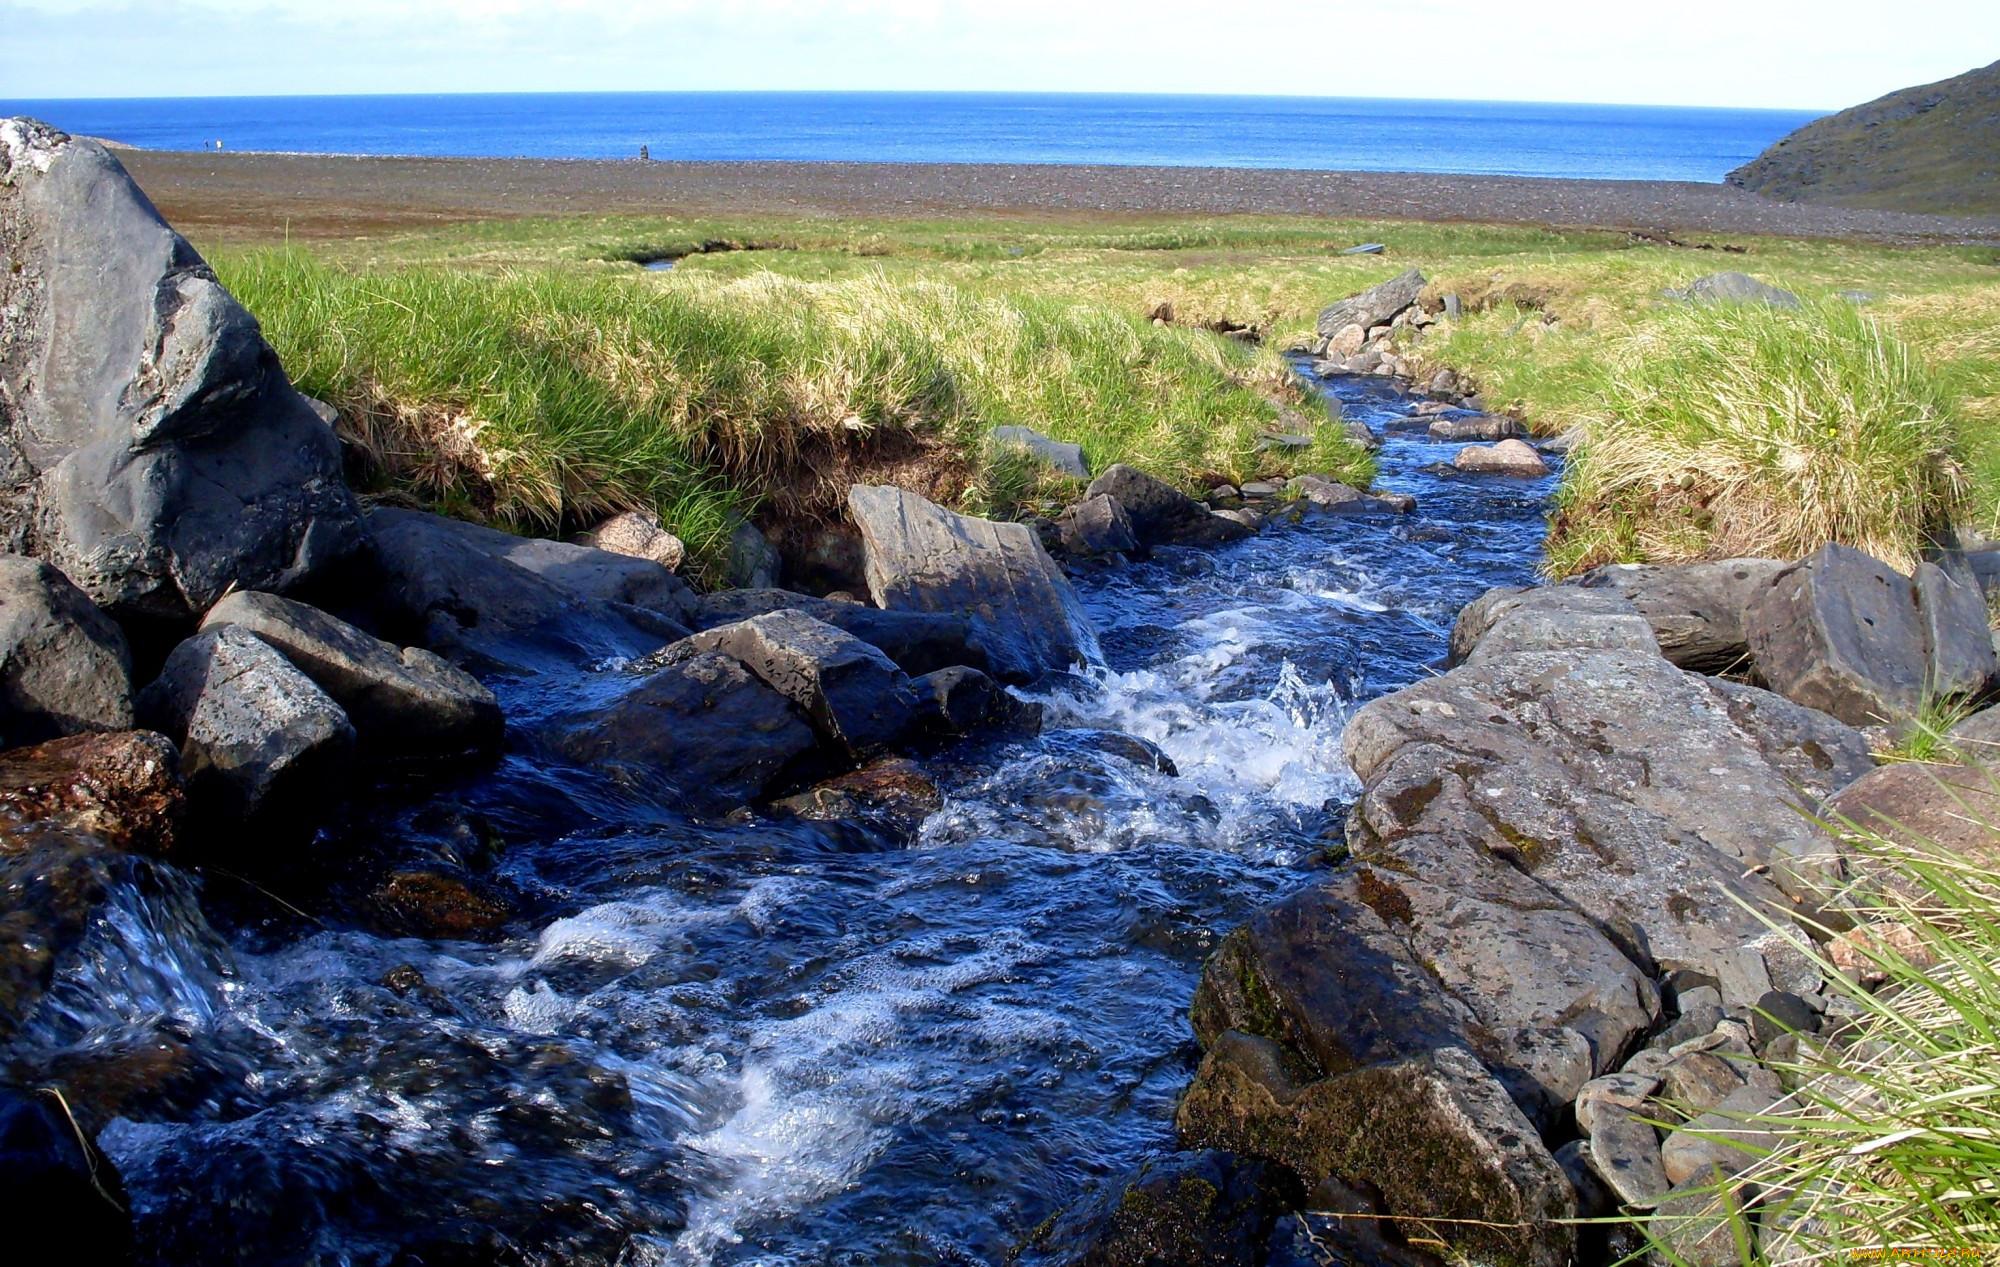 приведу ручей реки моря картинки значит, что